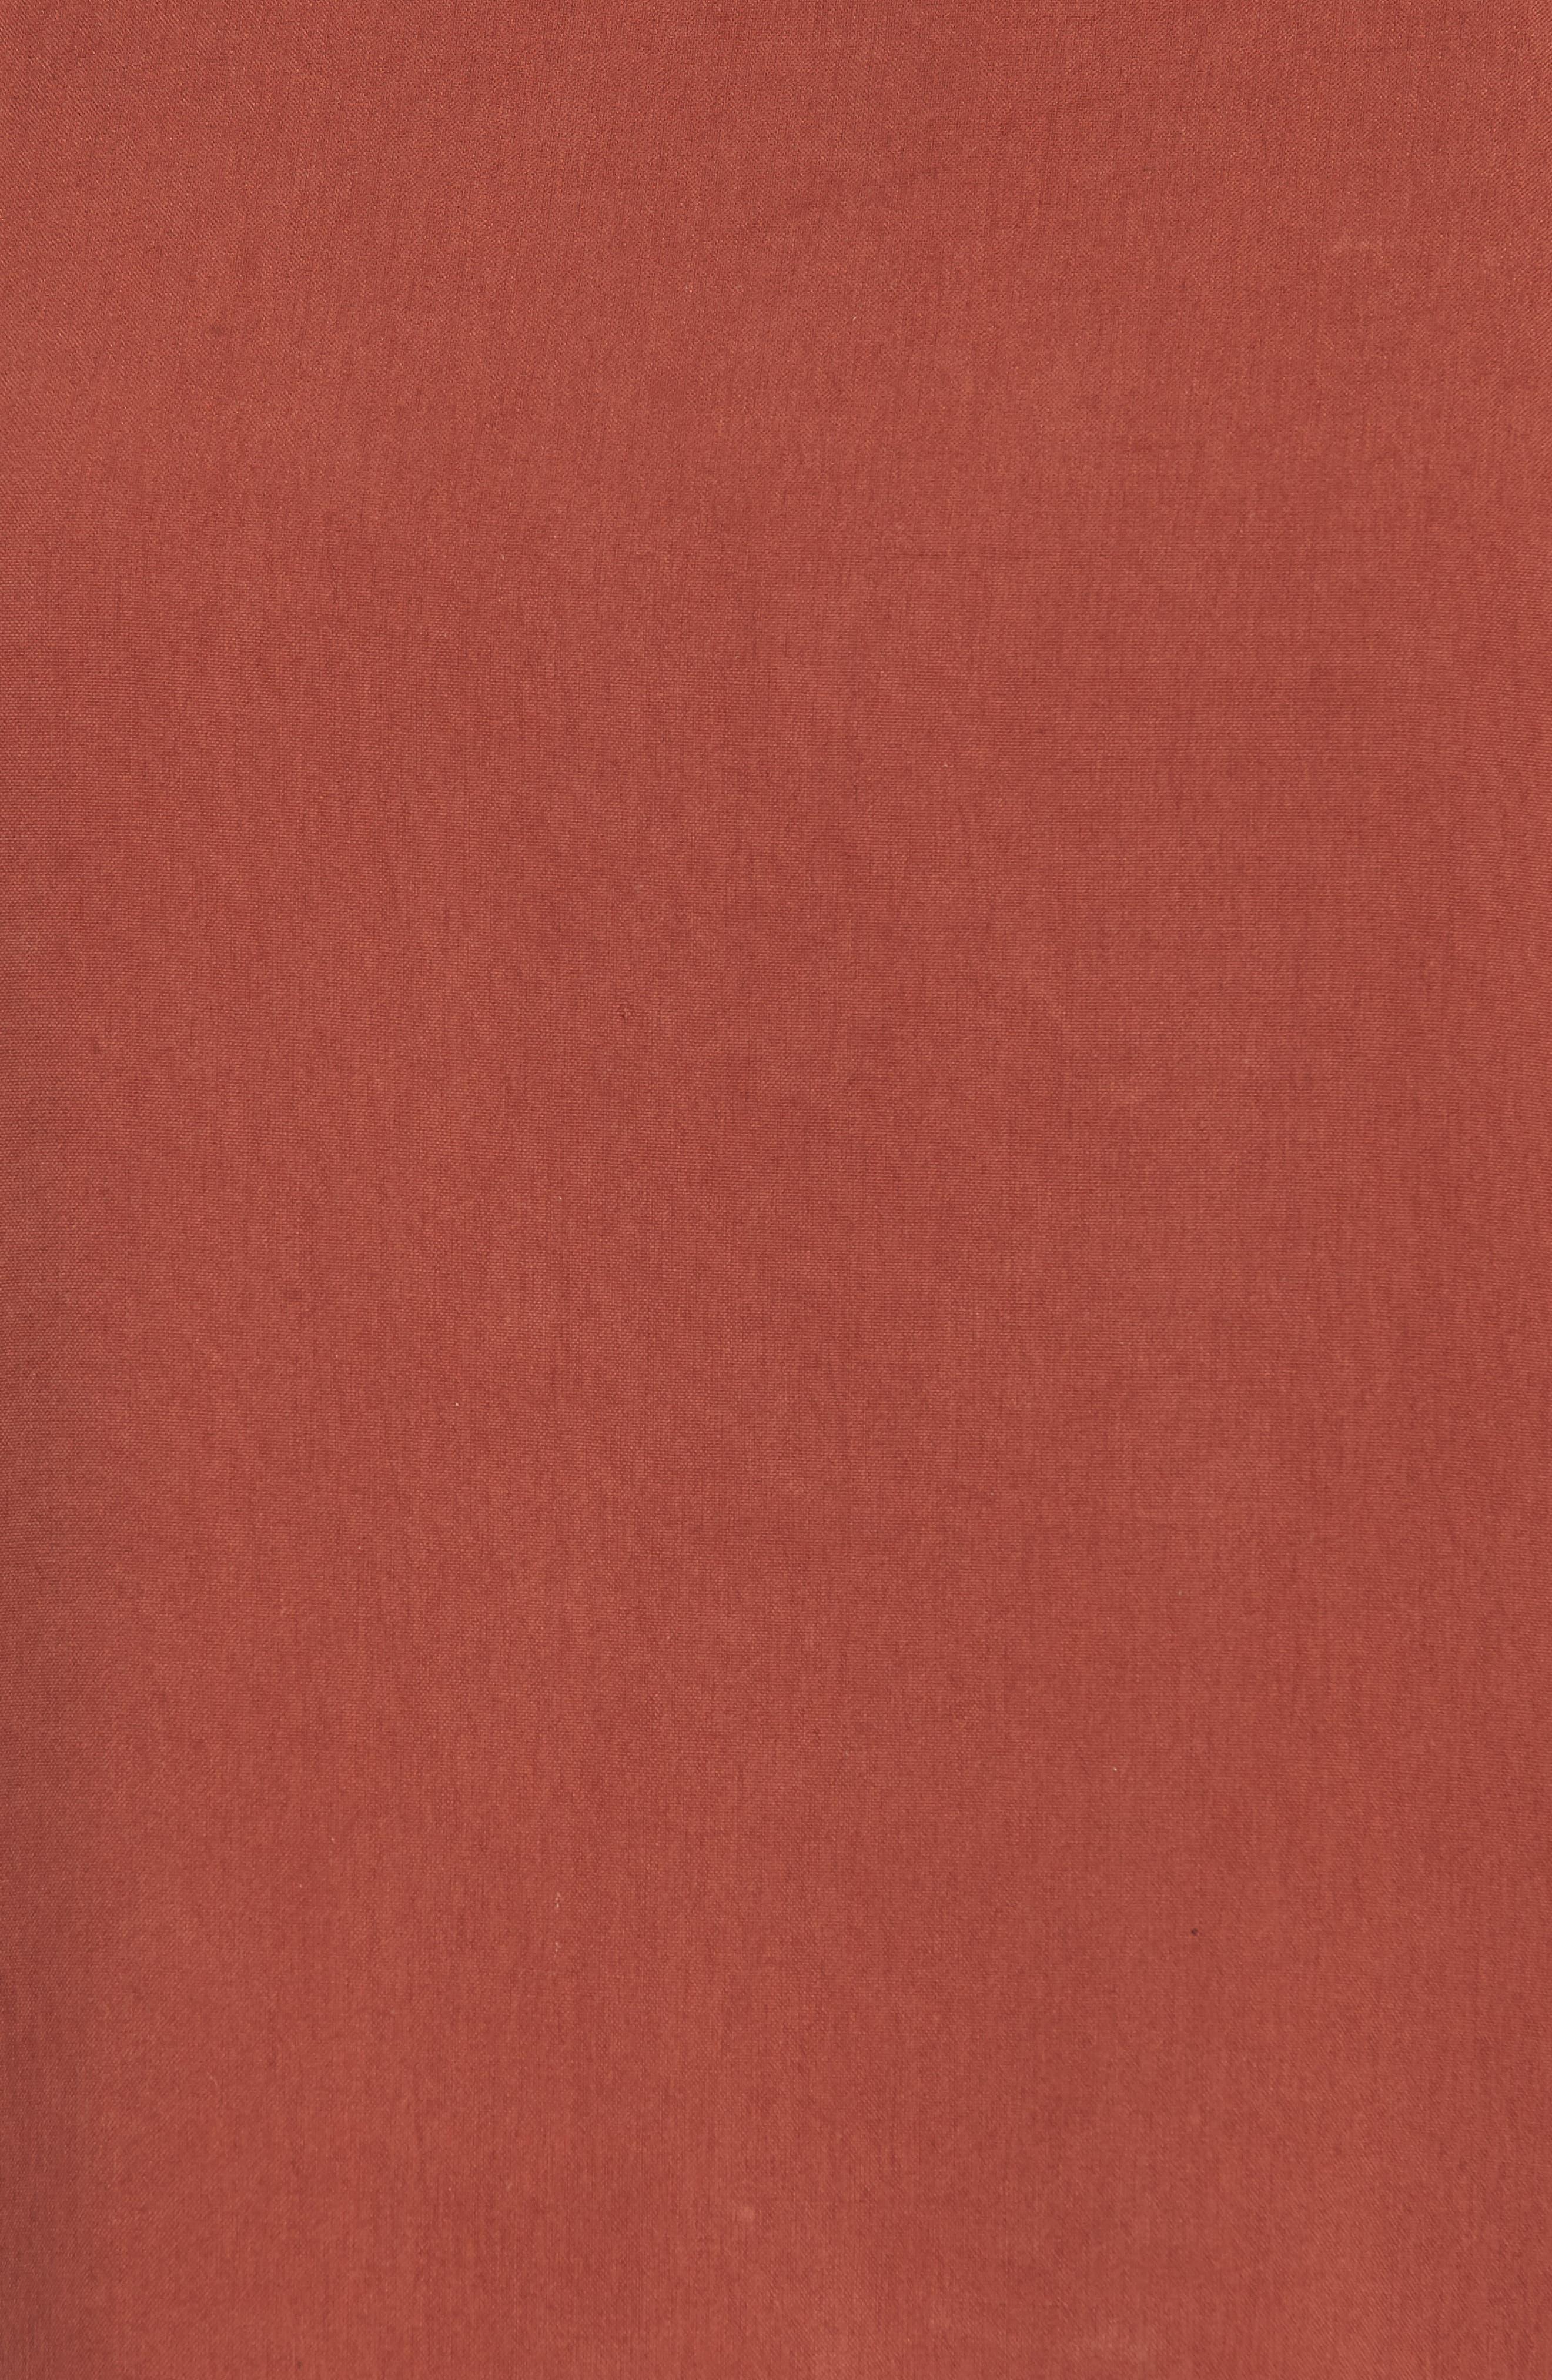 Contrast Trim Silk Top,                             Alternate thumbnail 6, color,                             Russet